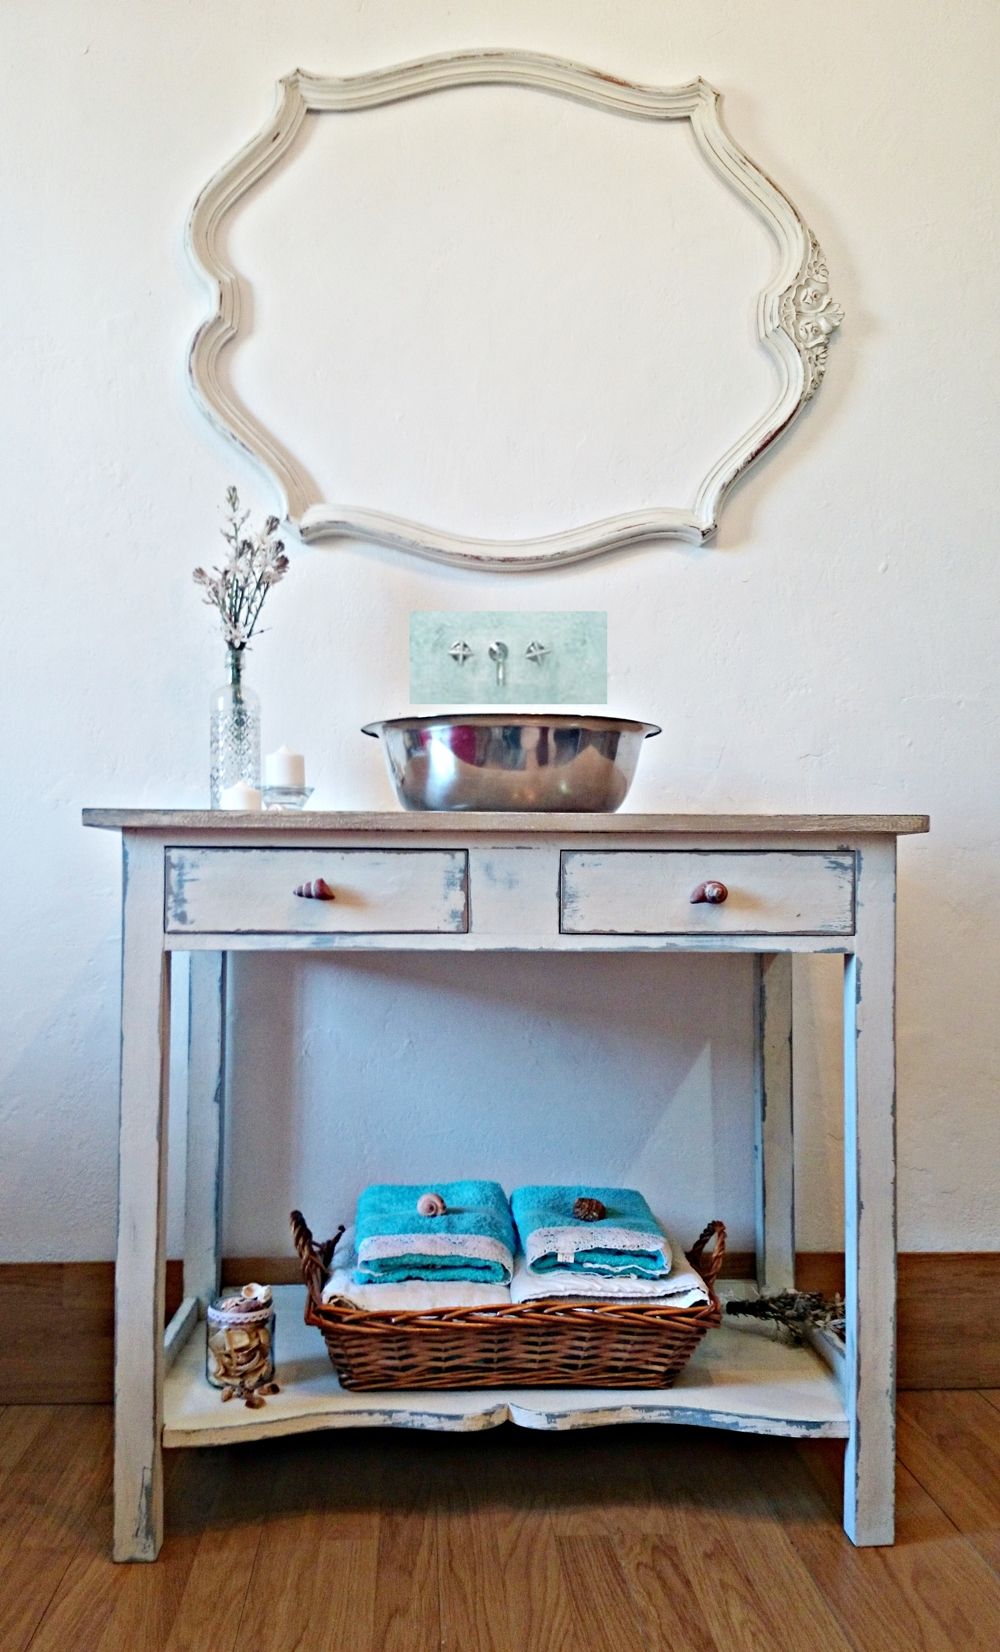 Mueble de ba o shabby chic artesanal tienda online de decoraci n y muebles personalizados - Mueble de bano antiguo ...